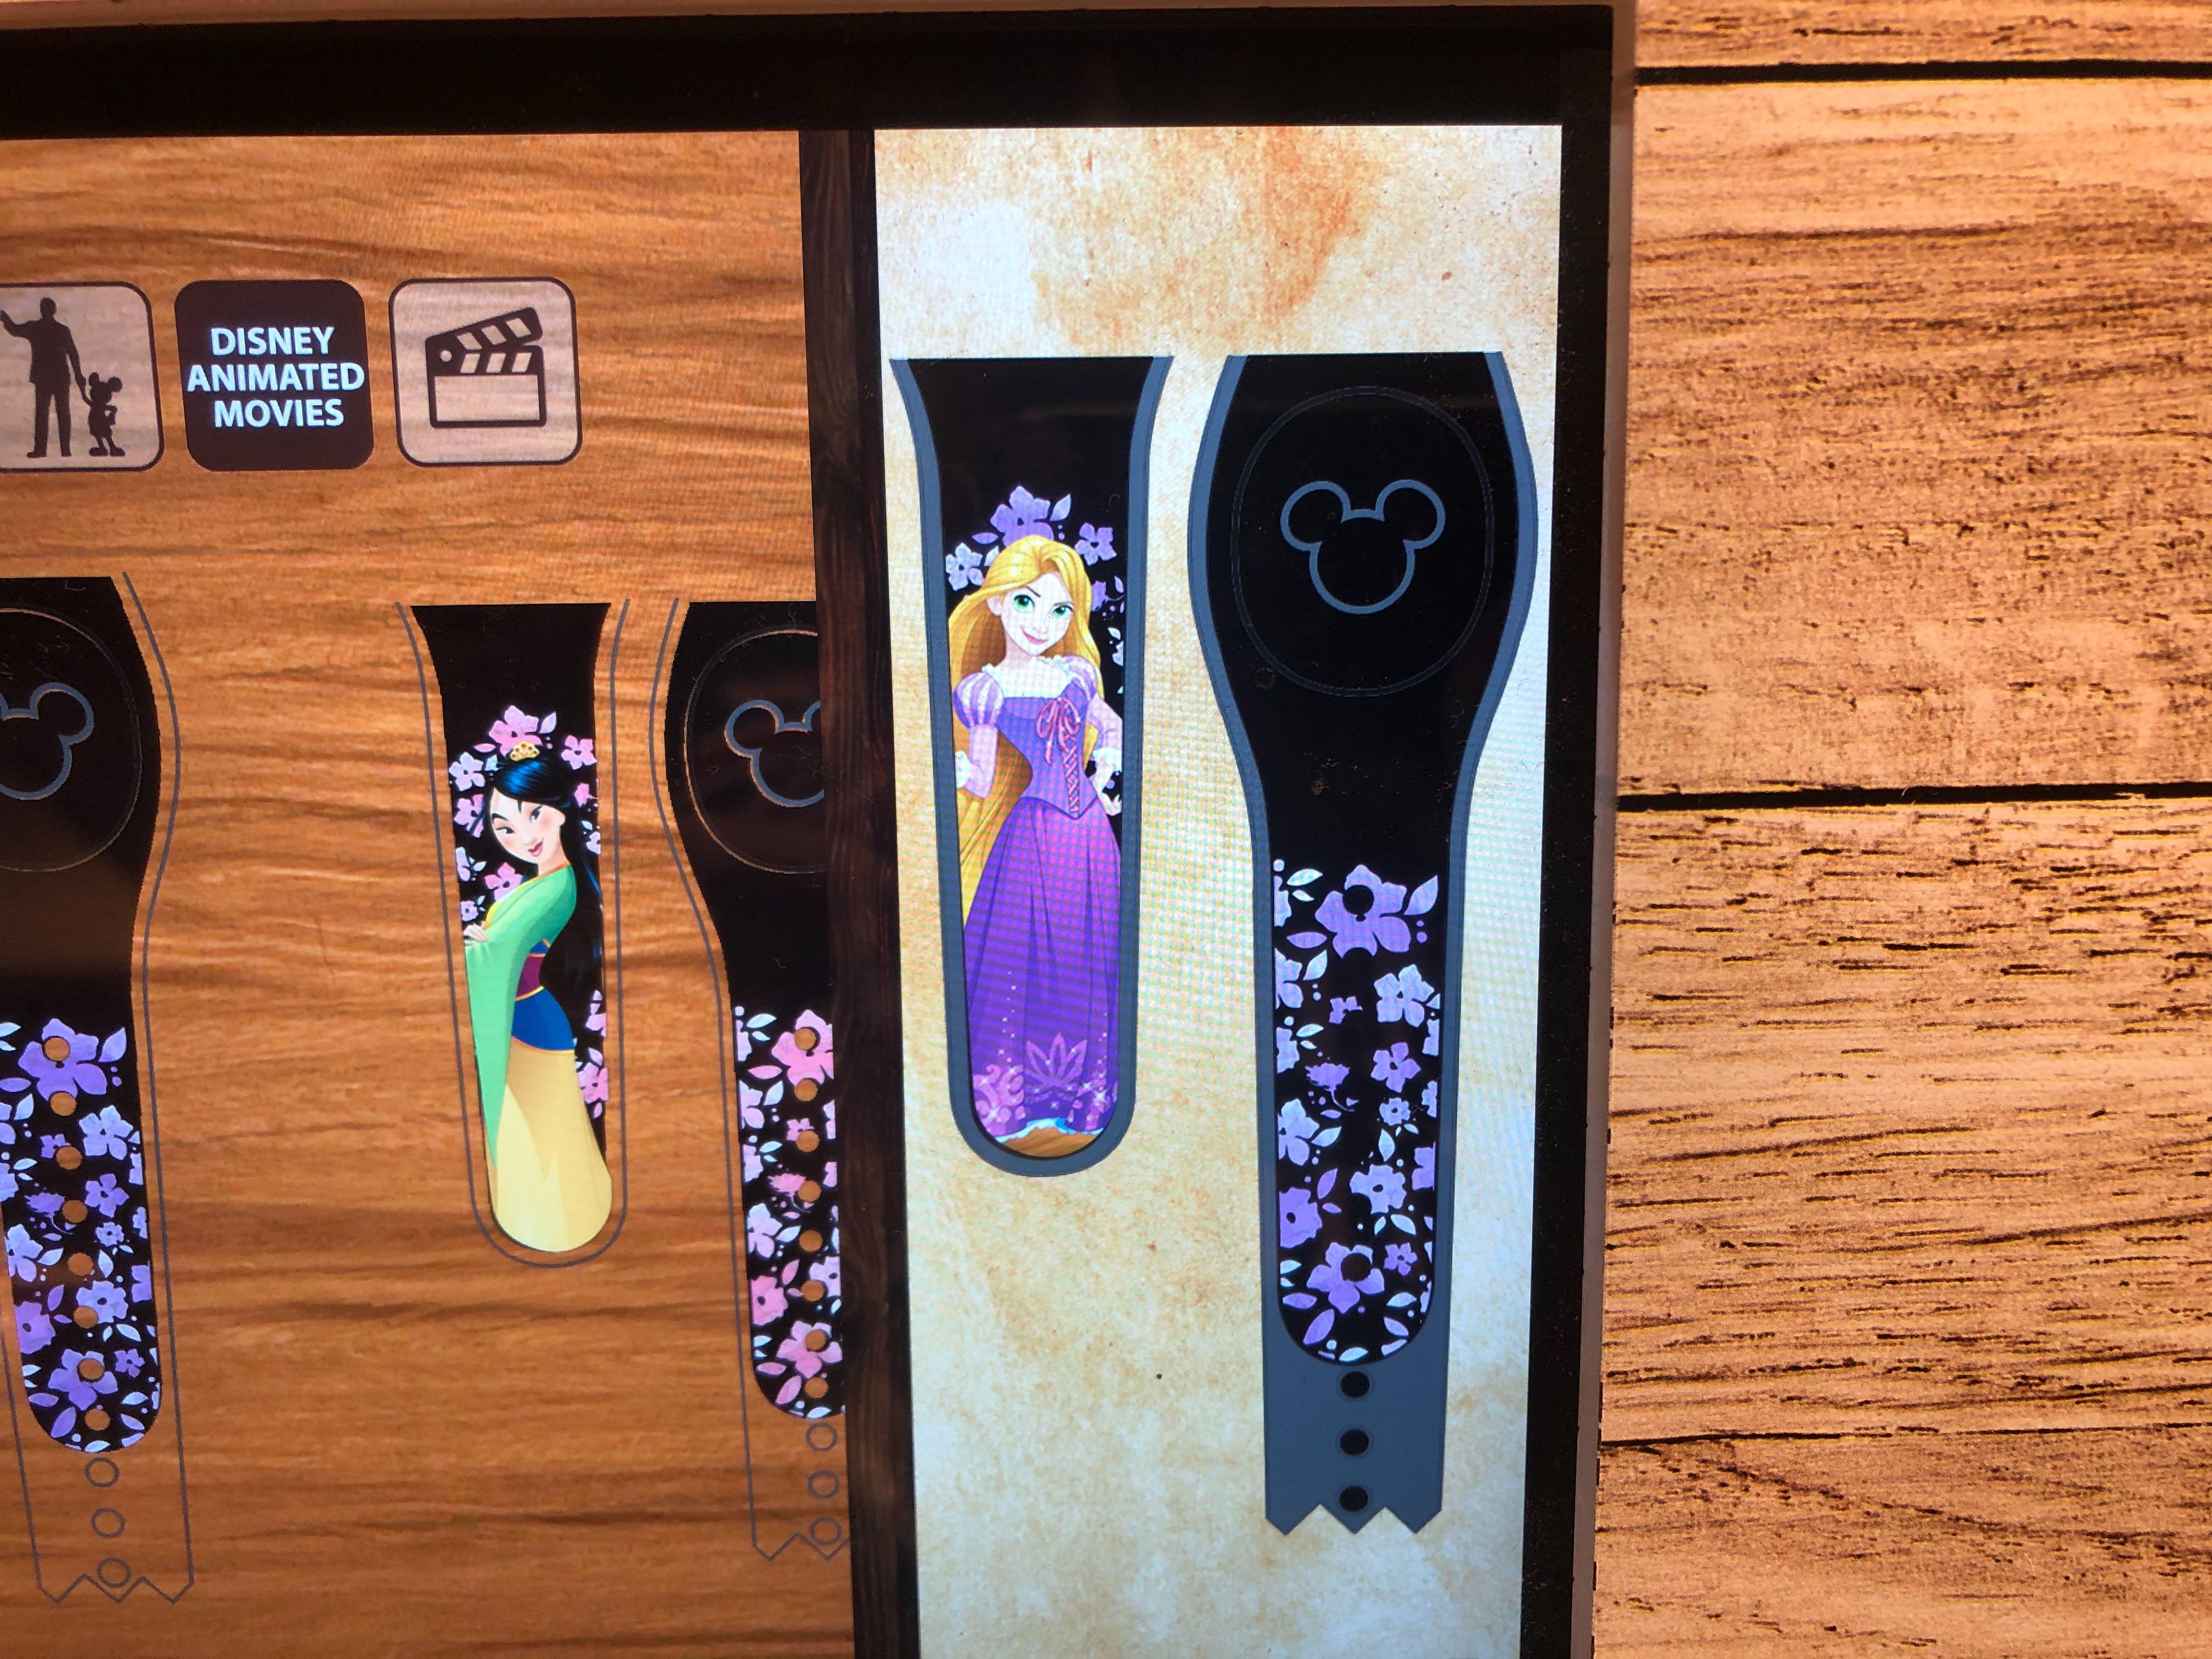 princess-flower-d-tech-magicband-02-02-2020-3.jpg